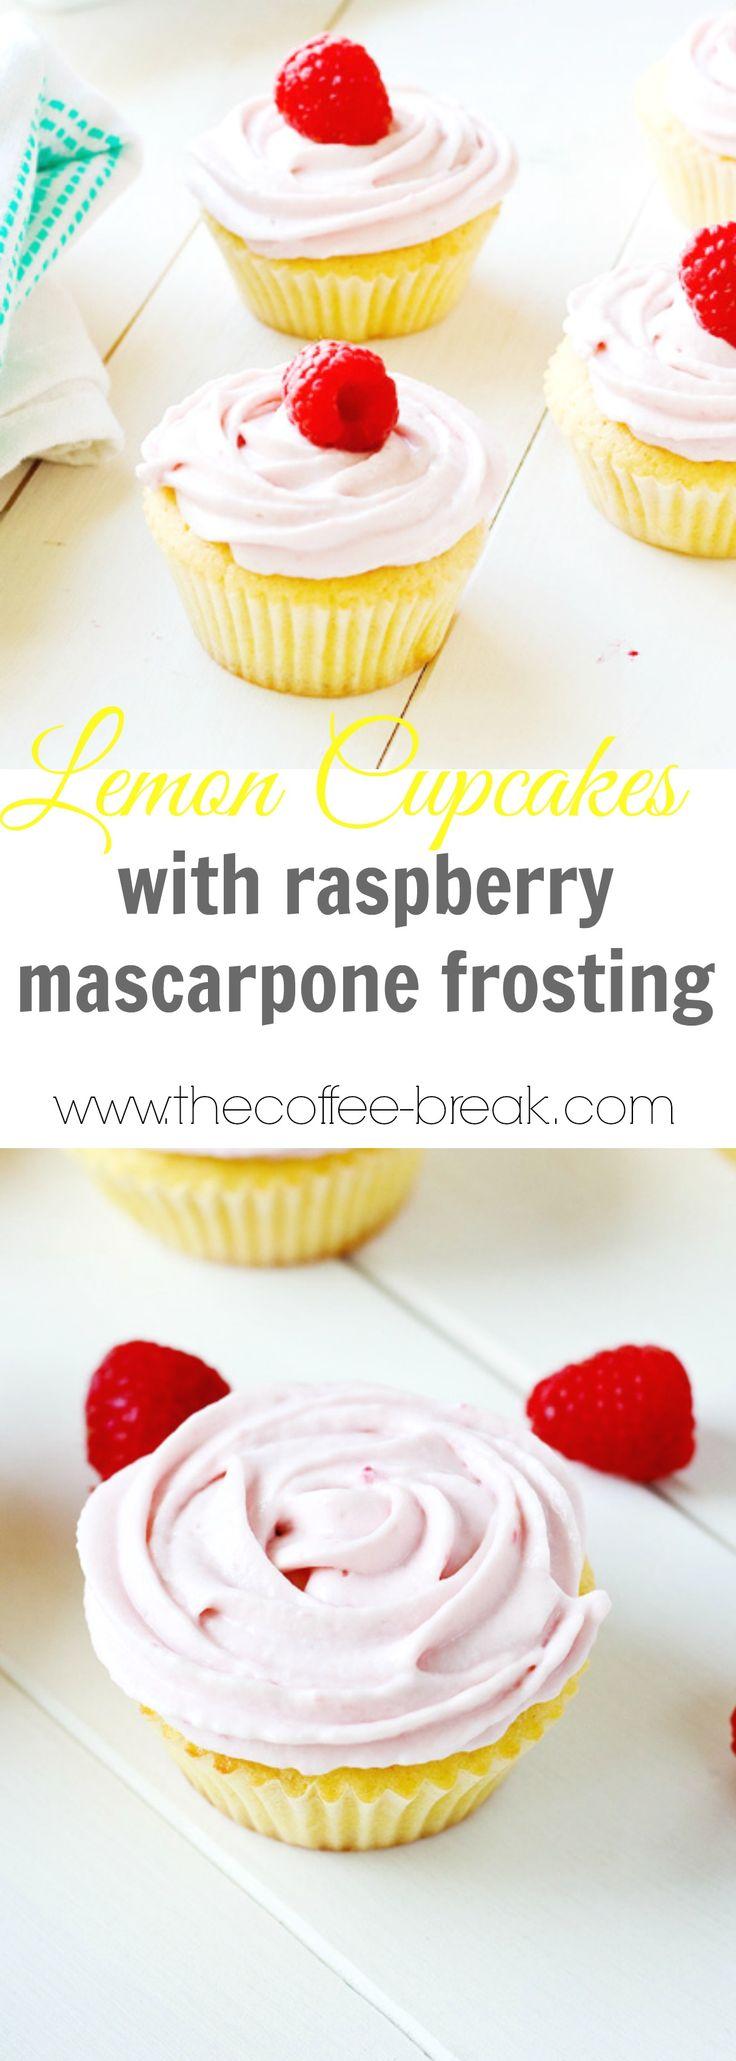 Lemon Cupcakes with Raspberry Mascarpone Frosting    www.thecoffee-break.com